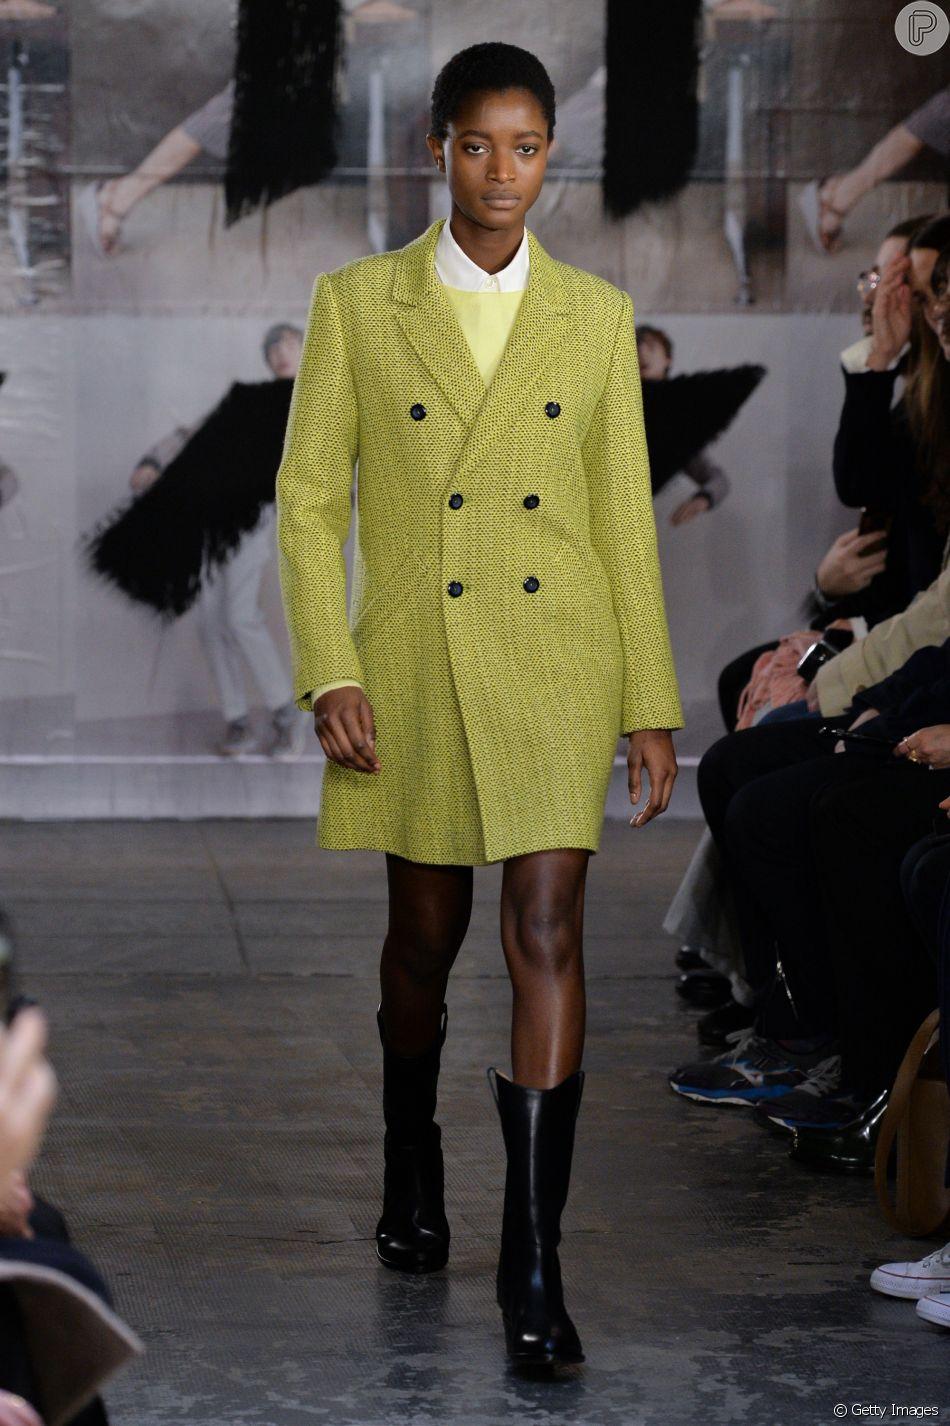 Vestido-blazer: look prático que vem conquistando as fashionistas. O look A.P.C. foi montado com suéter e camisa por baixo